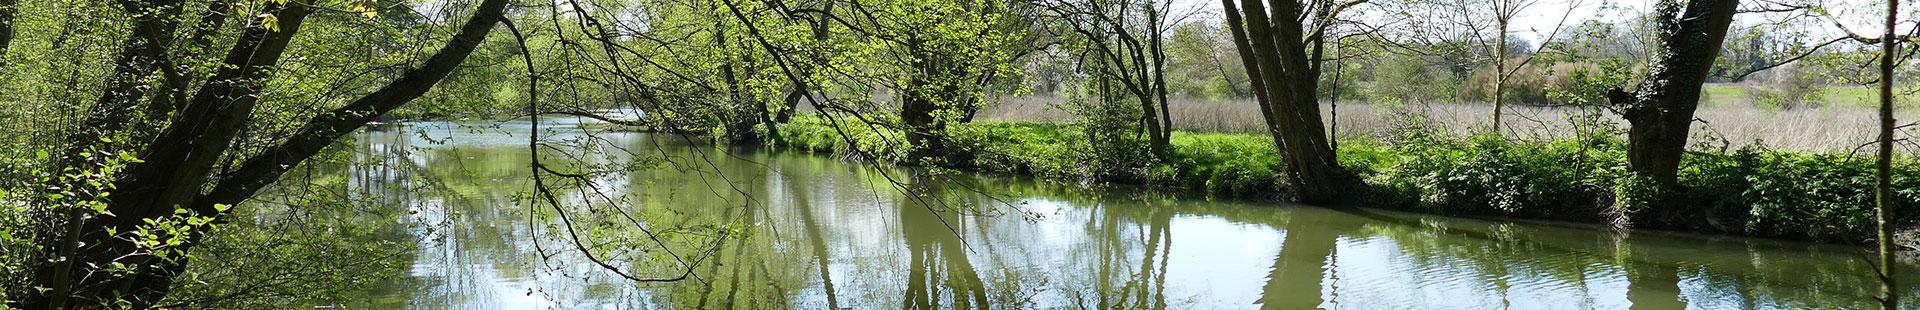 Entretien et protection des cours d'eau